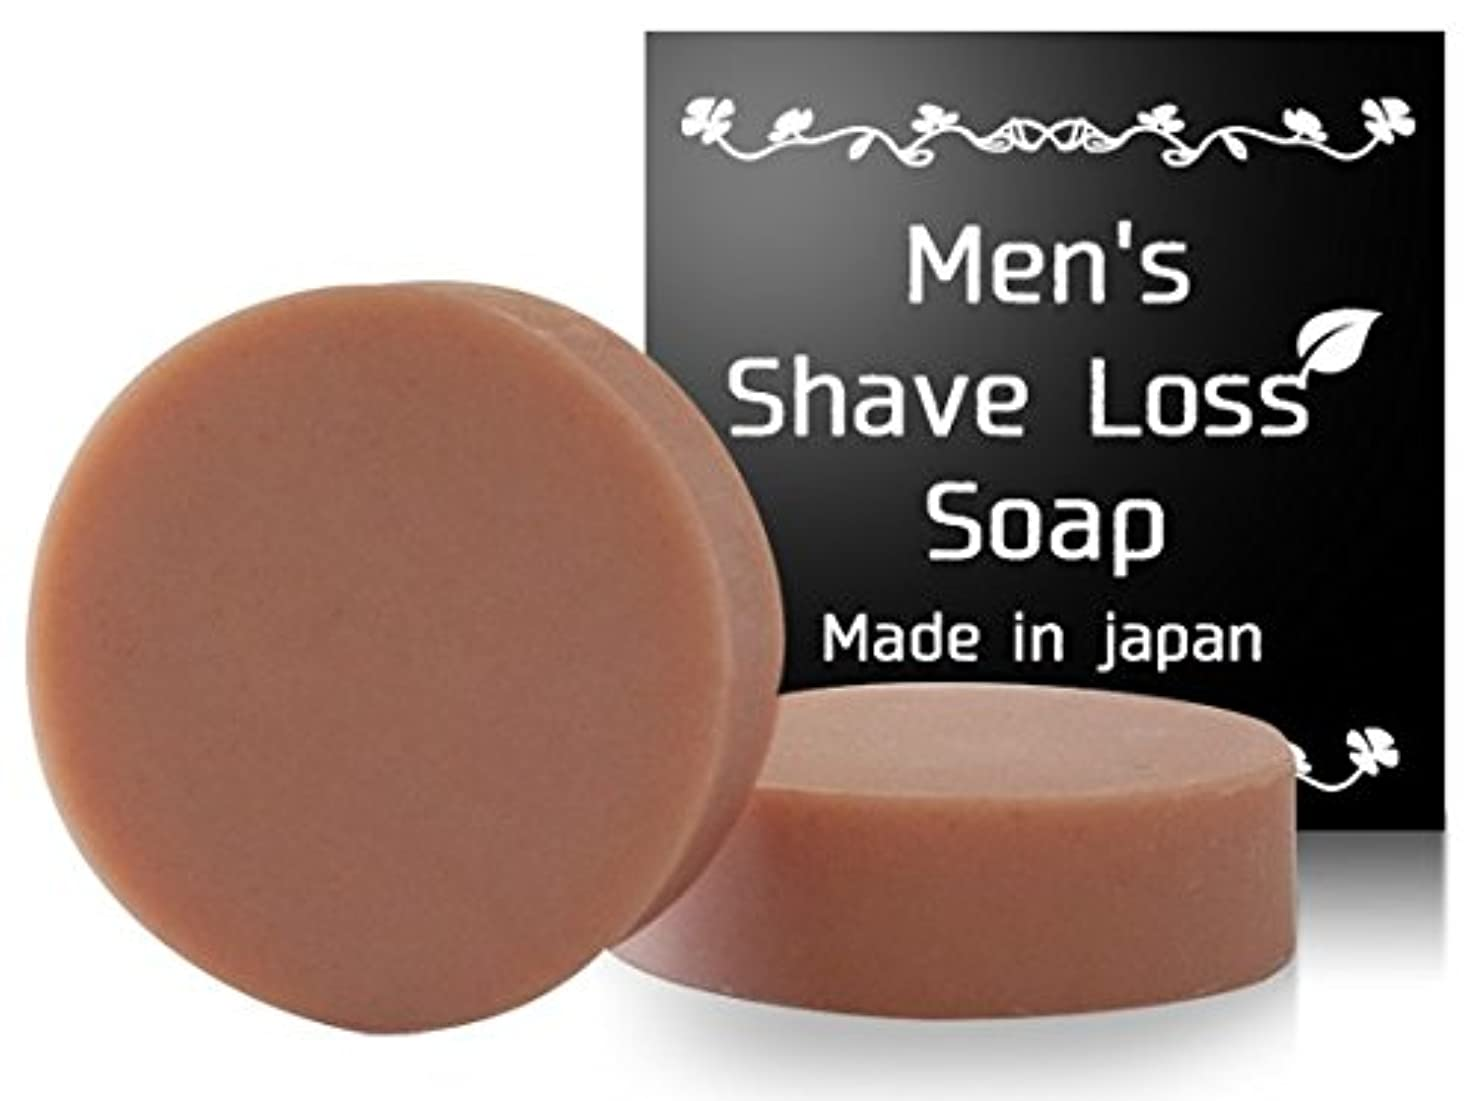 駐地カート聴覚障害者Mens Shave Loss Soap シェーブロス 剛毛は嫌!ツルツル過ぎも嫌! そんな夢を叶えた奇跡の石鹸! 【男性専用】(1個)